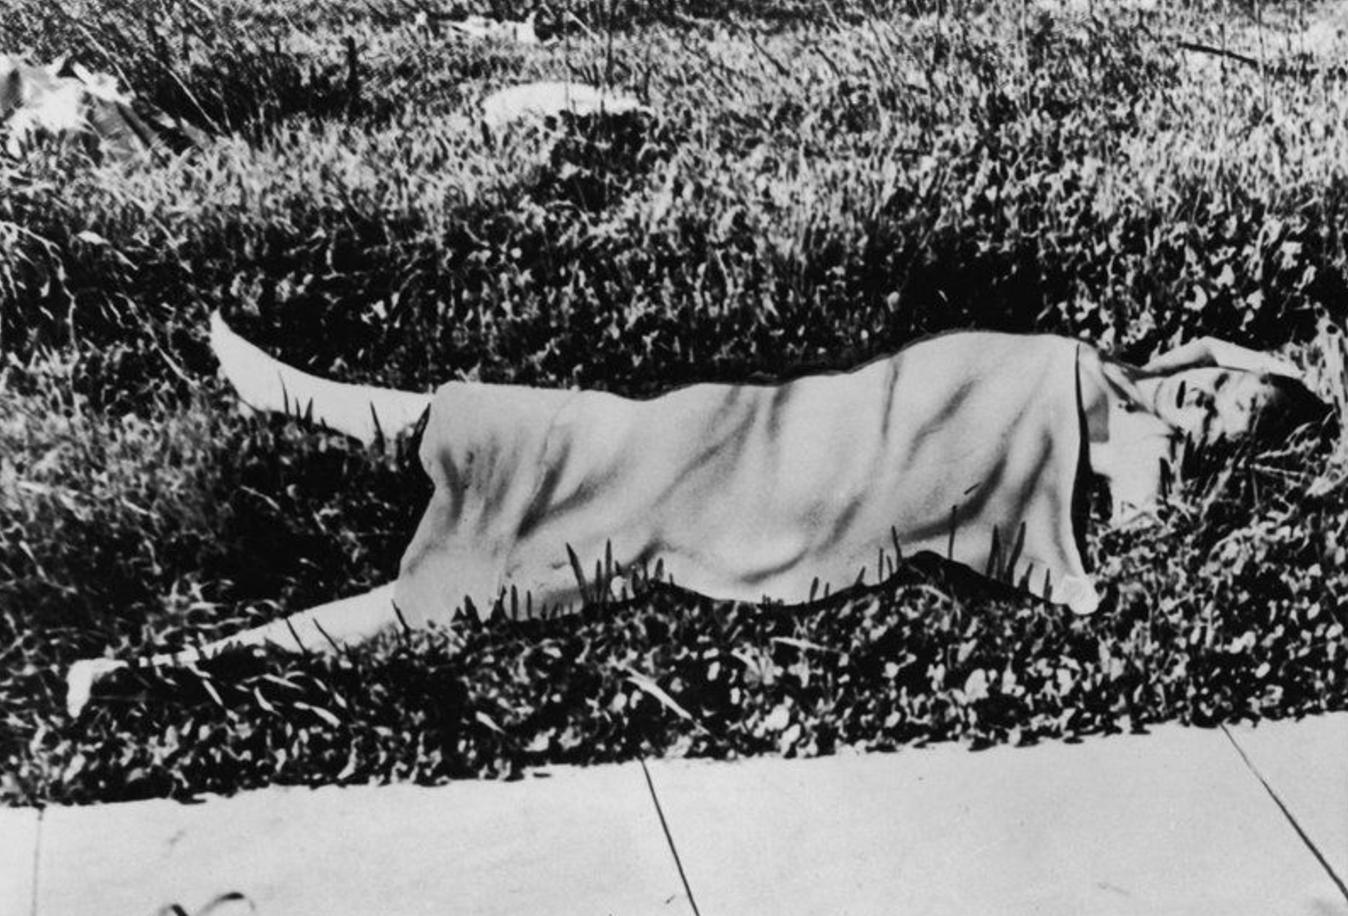 Elizabeth's Body at the Crime Scene